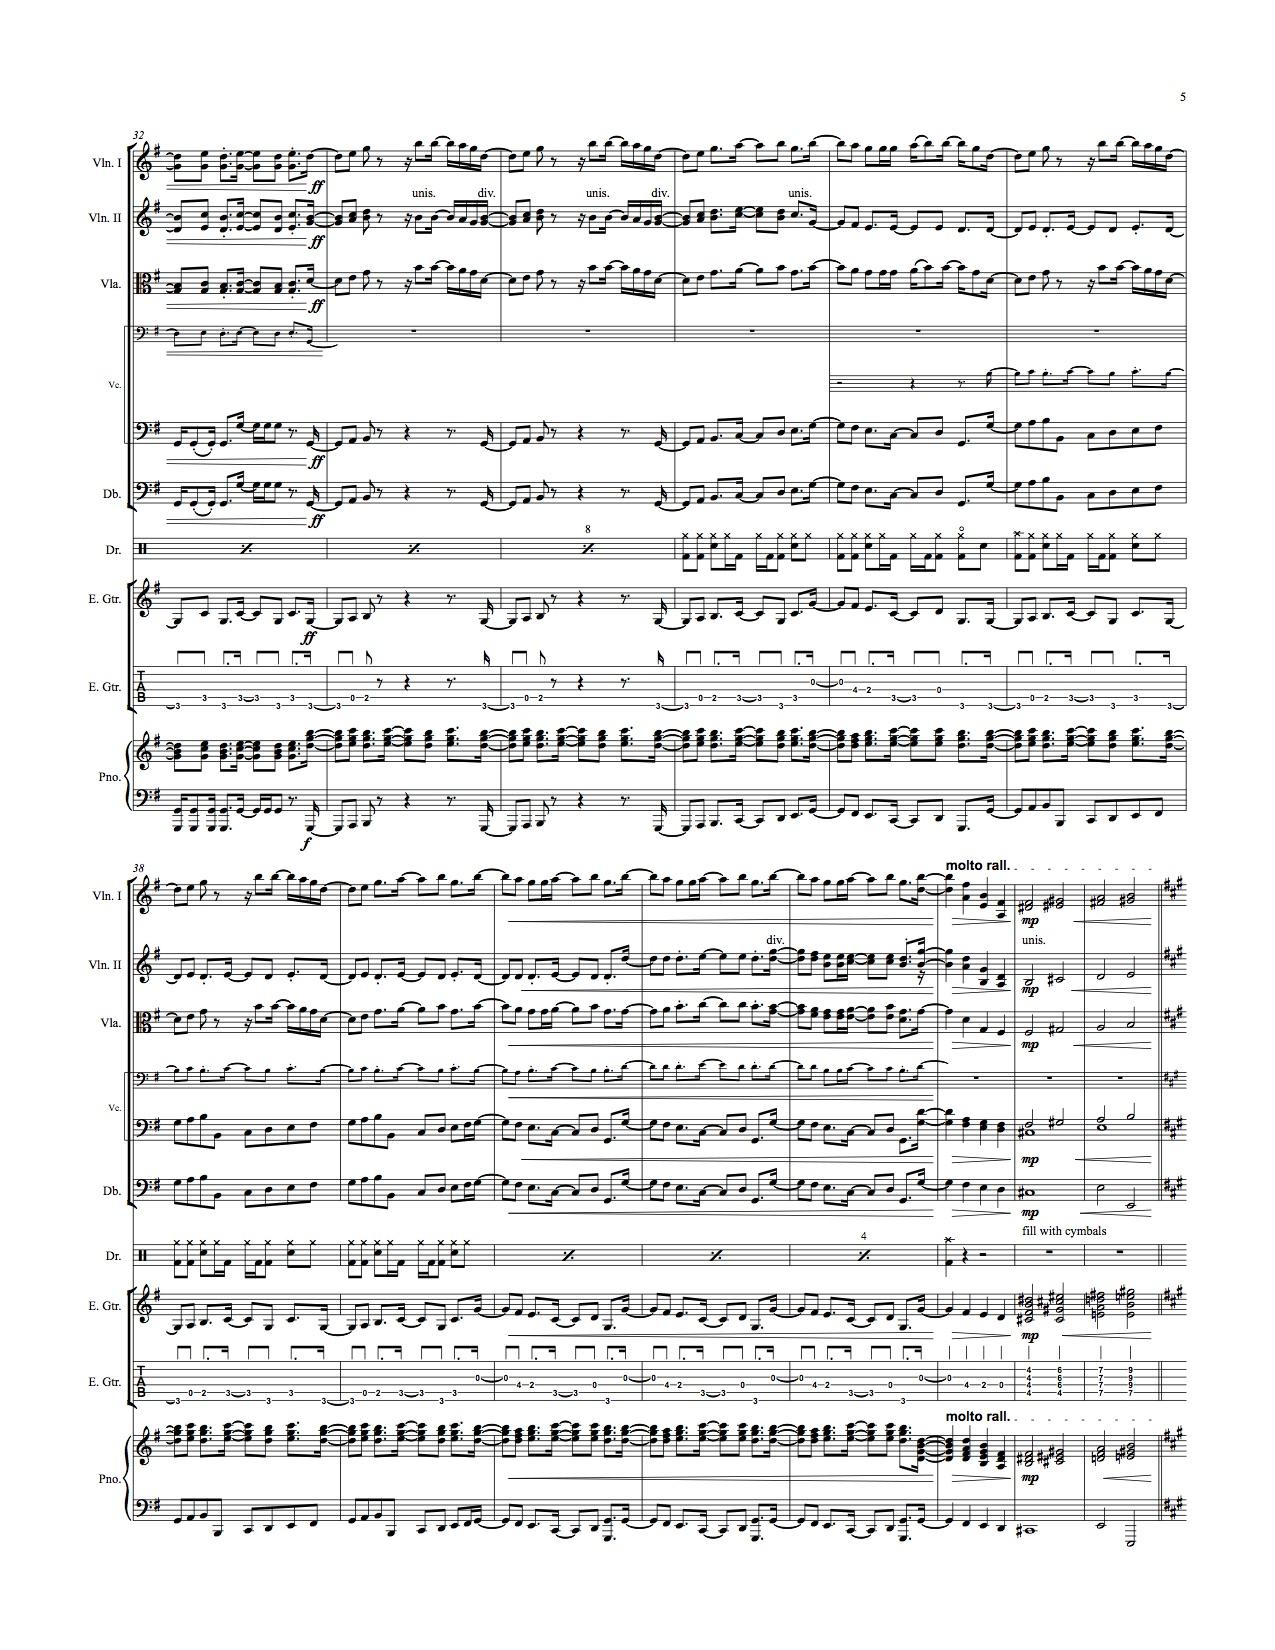 Jackson 5 Medley Score for website 5.jpg